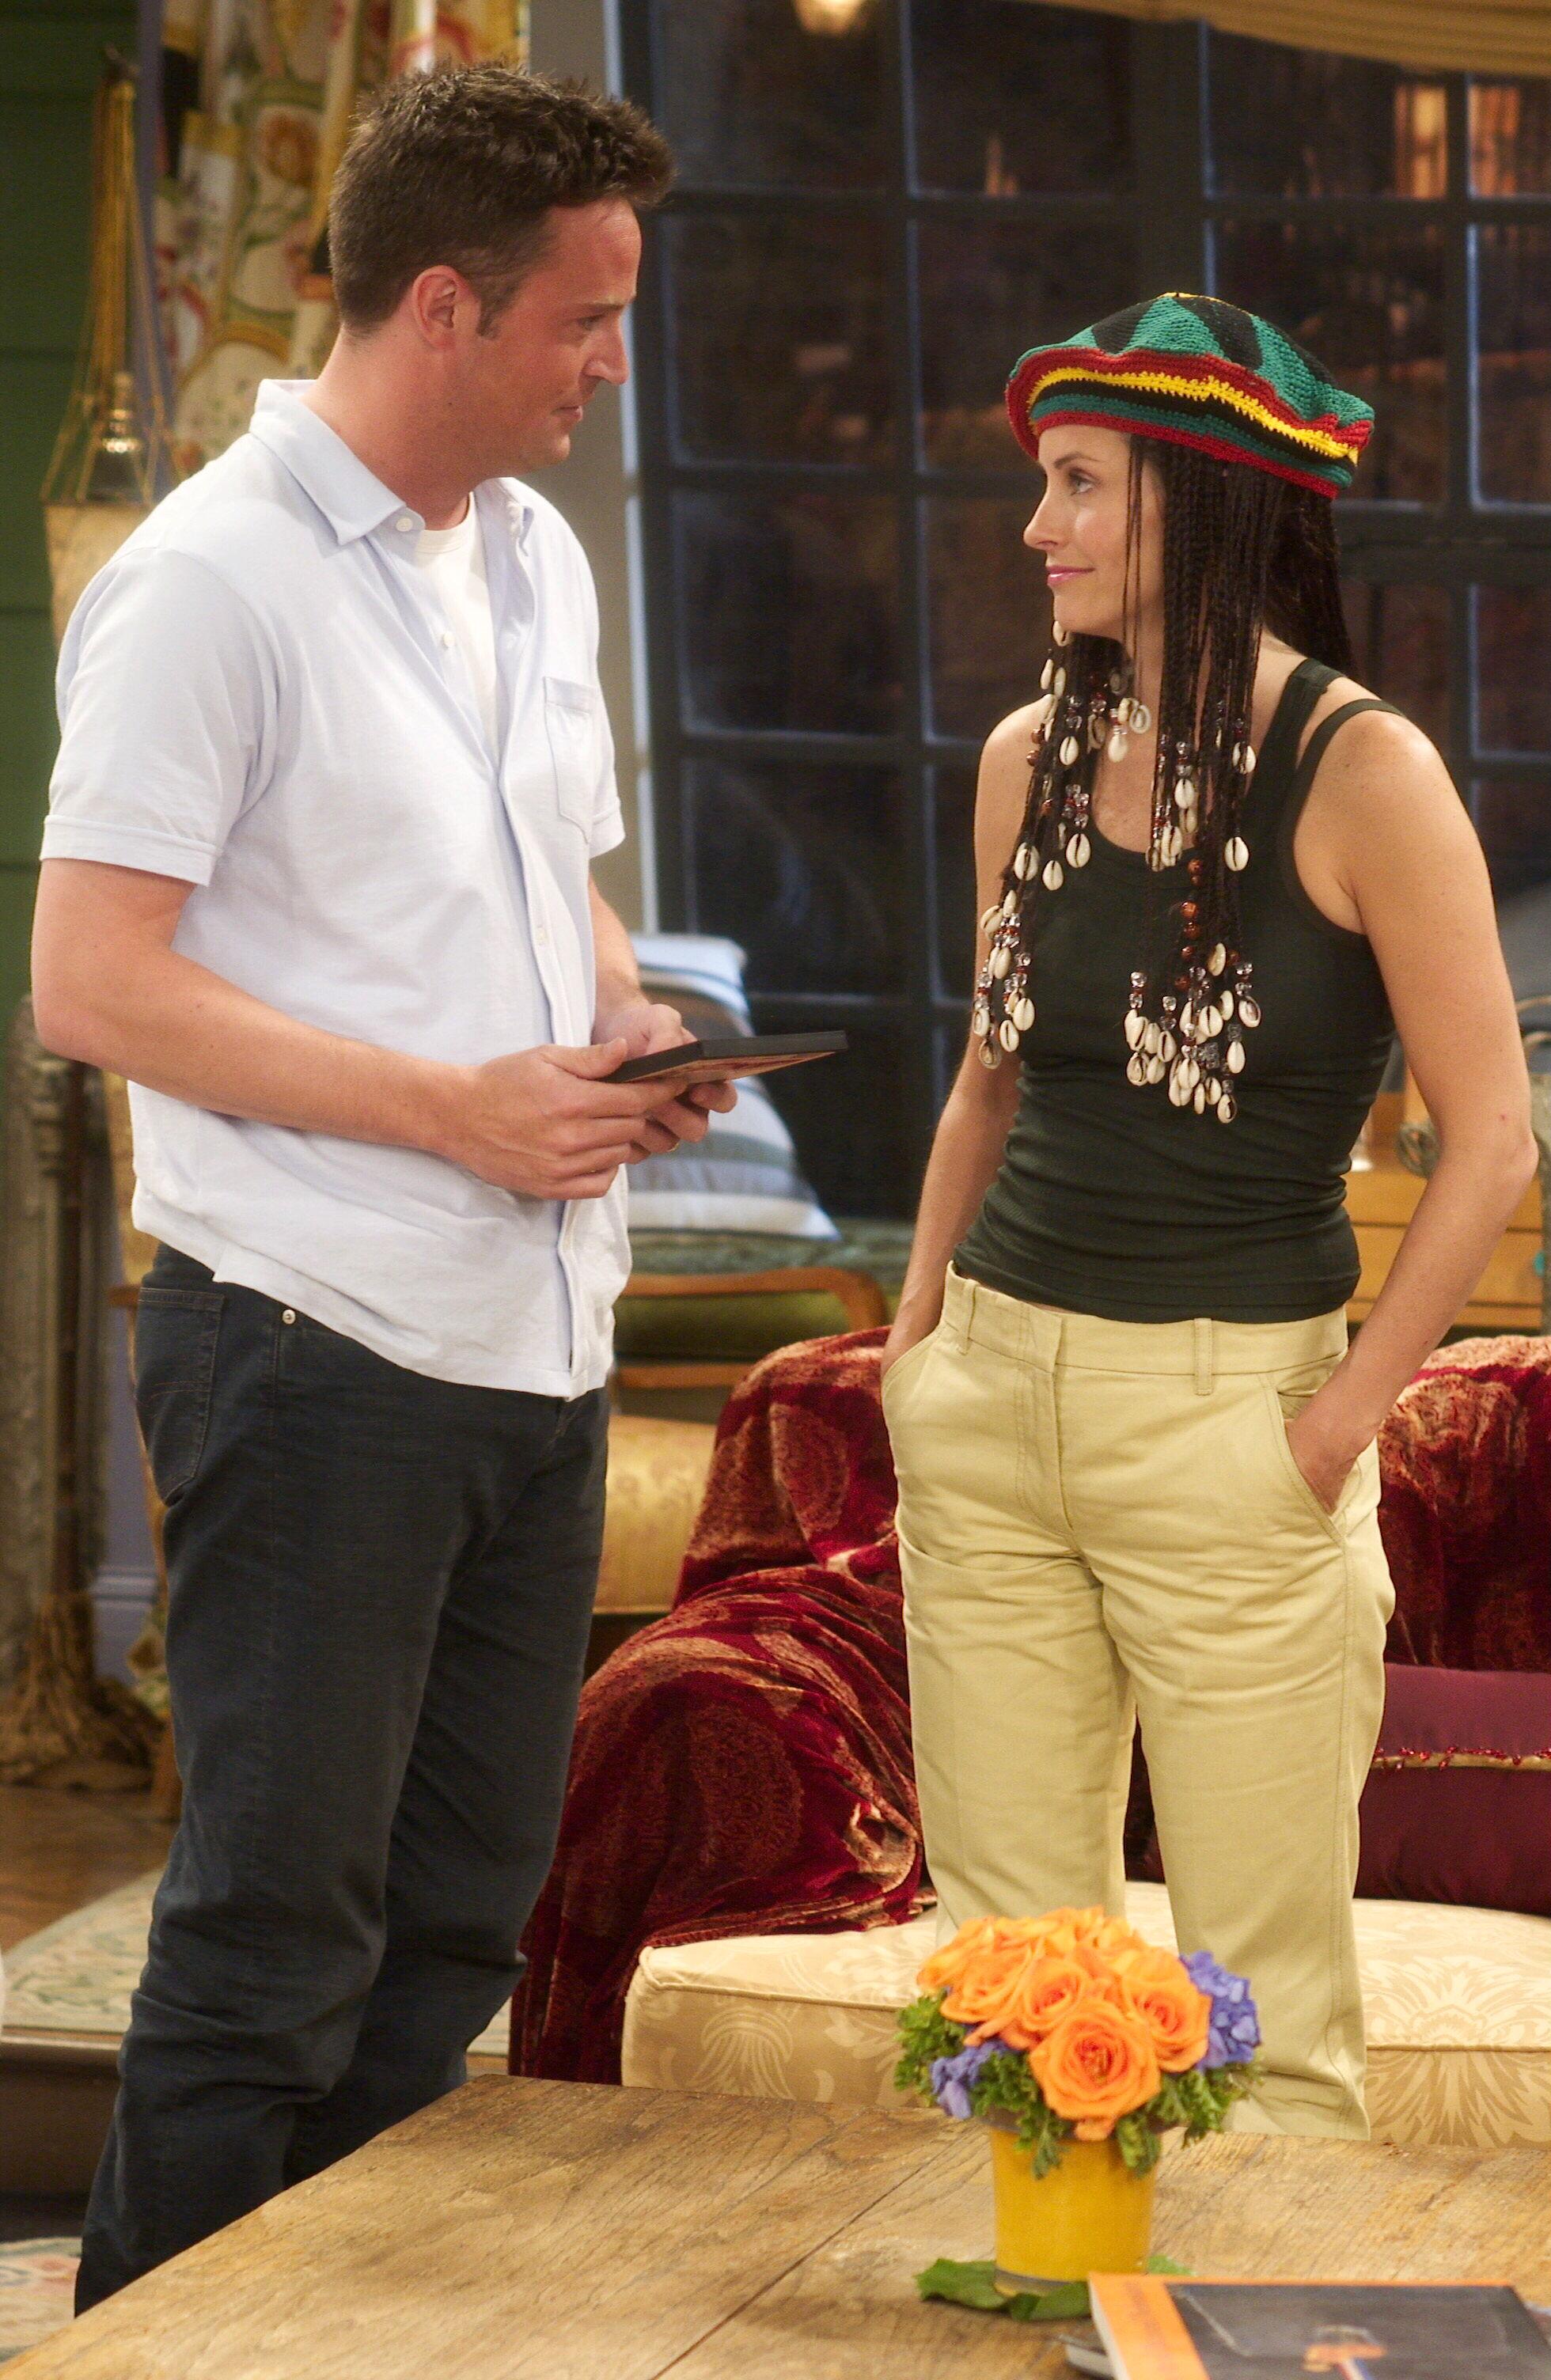 Monica & Chandler - Monica Geller Photo (34204186) - Fanpop